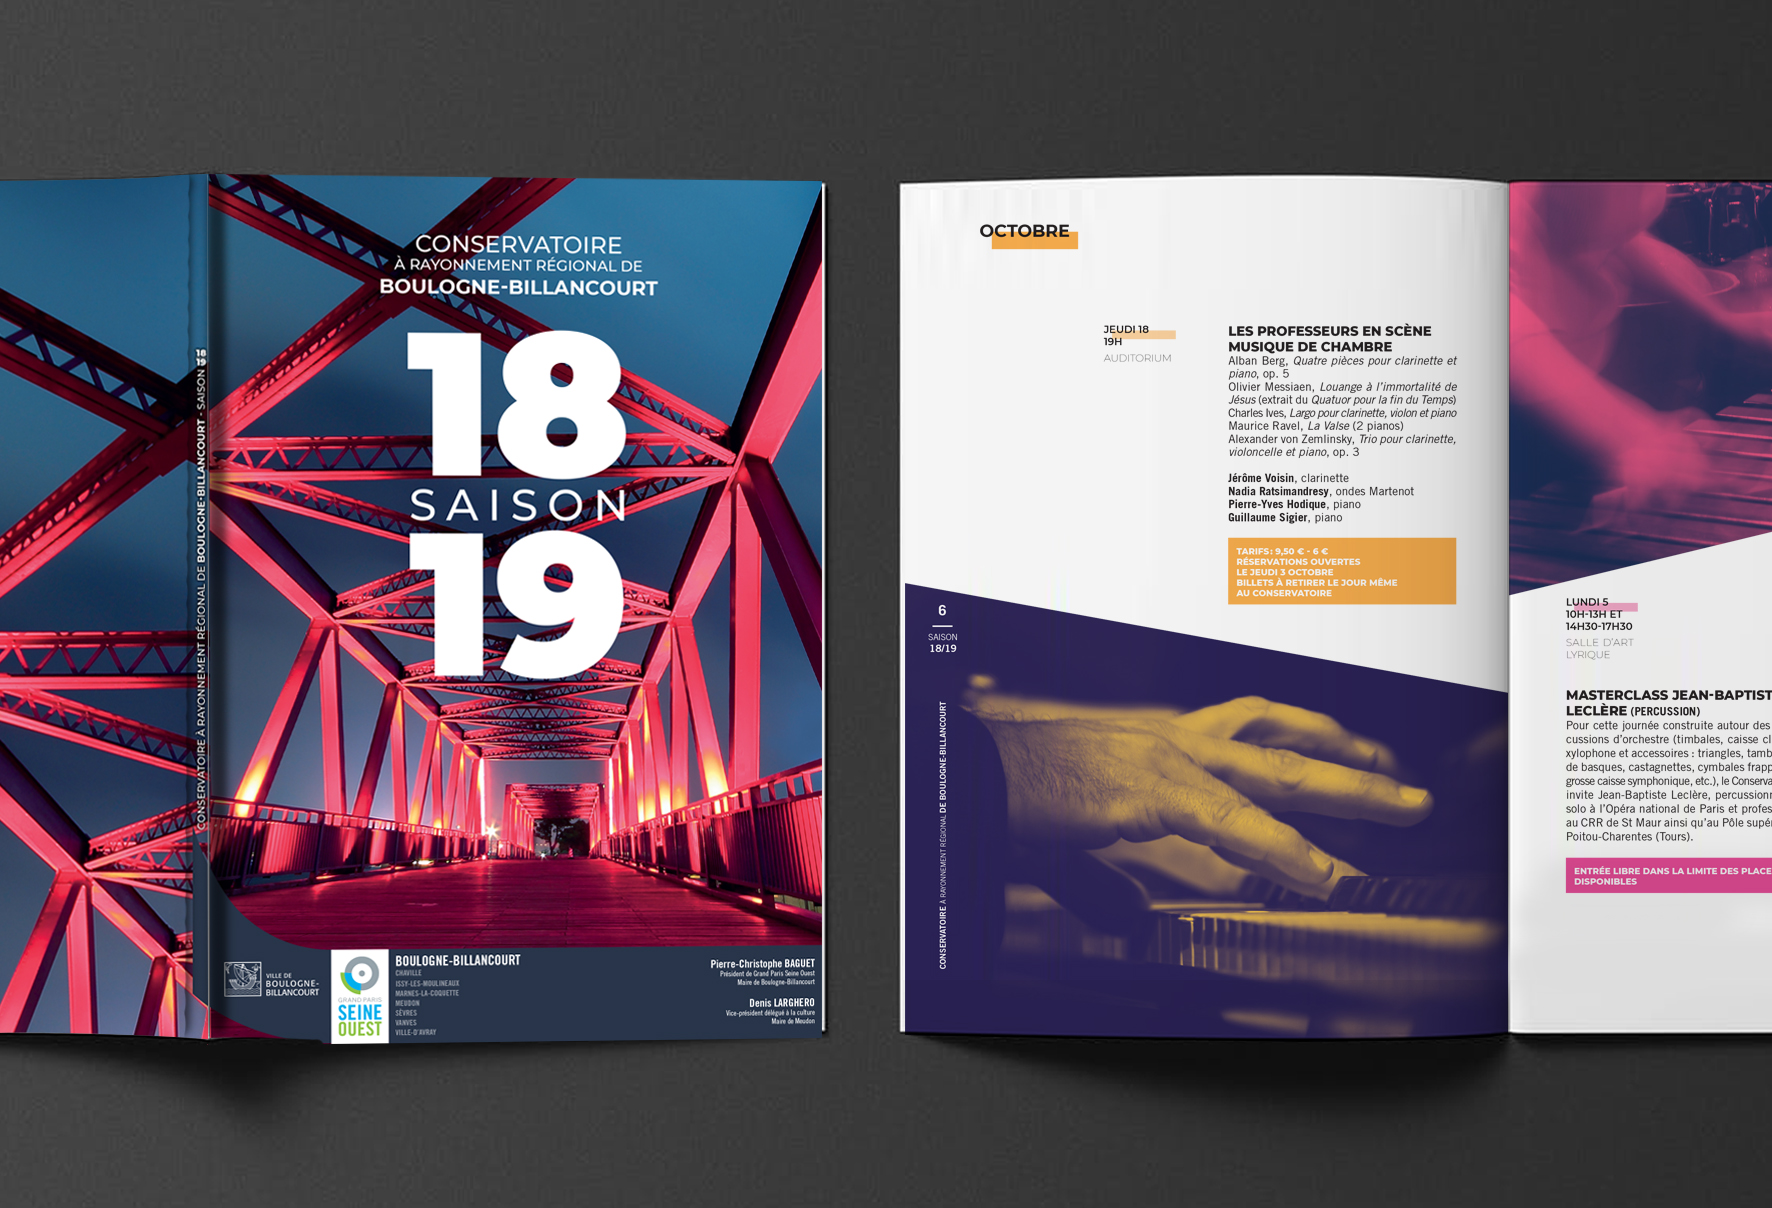 conservatoire-boulogne-billancourt-brochure-saison-idees-fraiches